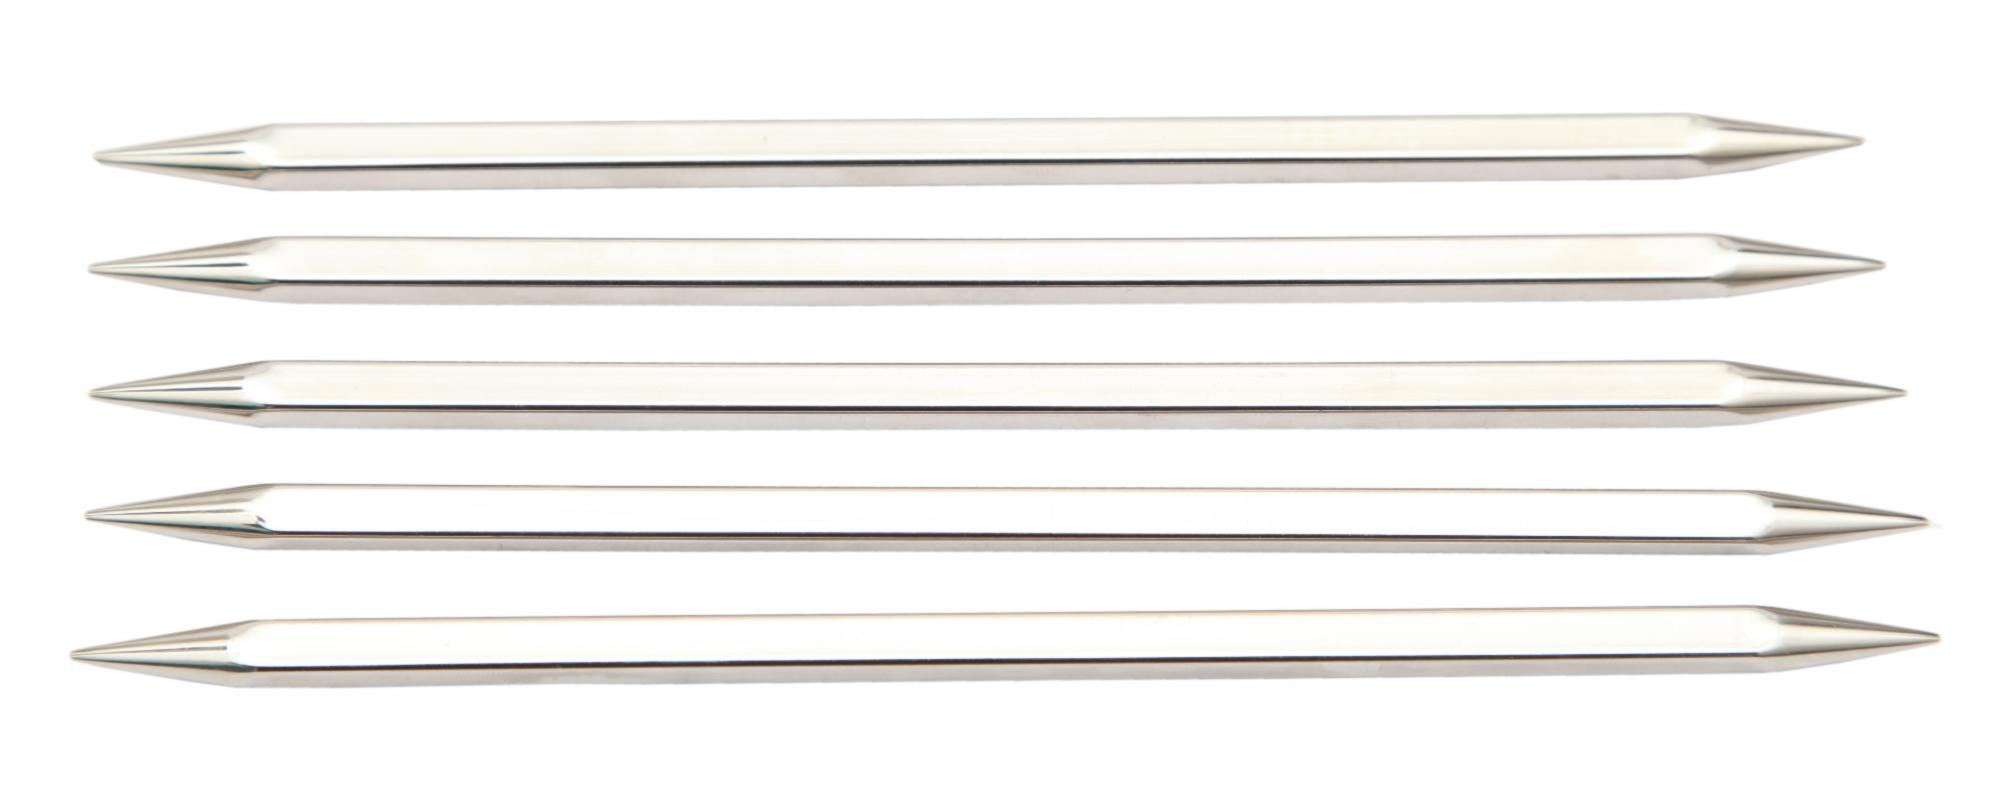 Спицы носочные 20 см Nova Cubics KnitPro, 12132, 5.50 мм